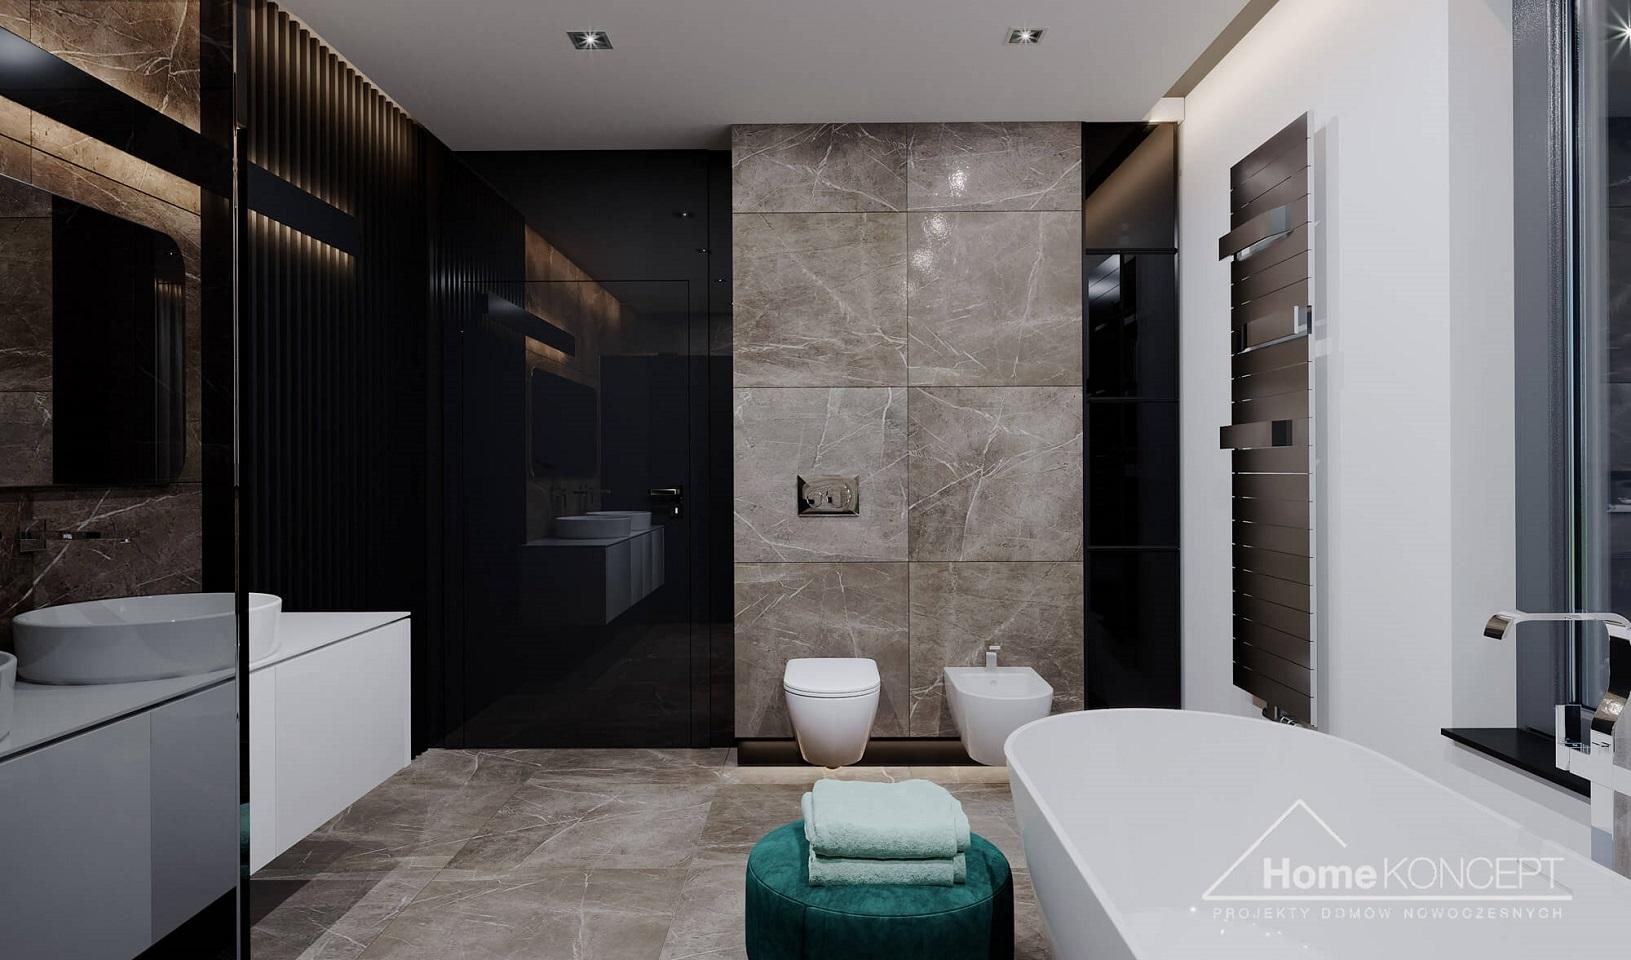 łazienka Hk60